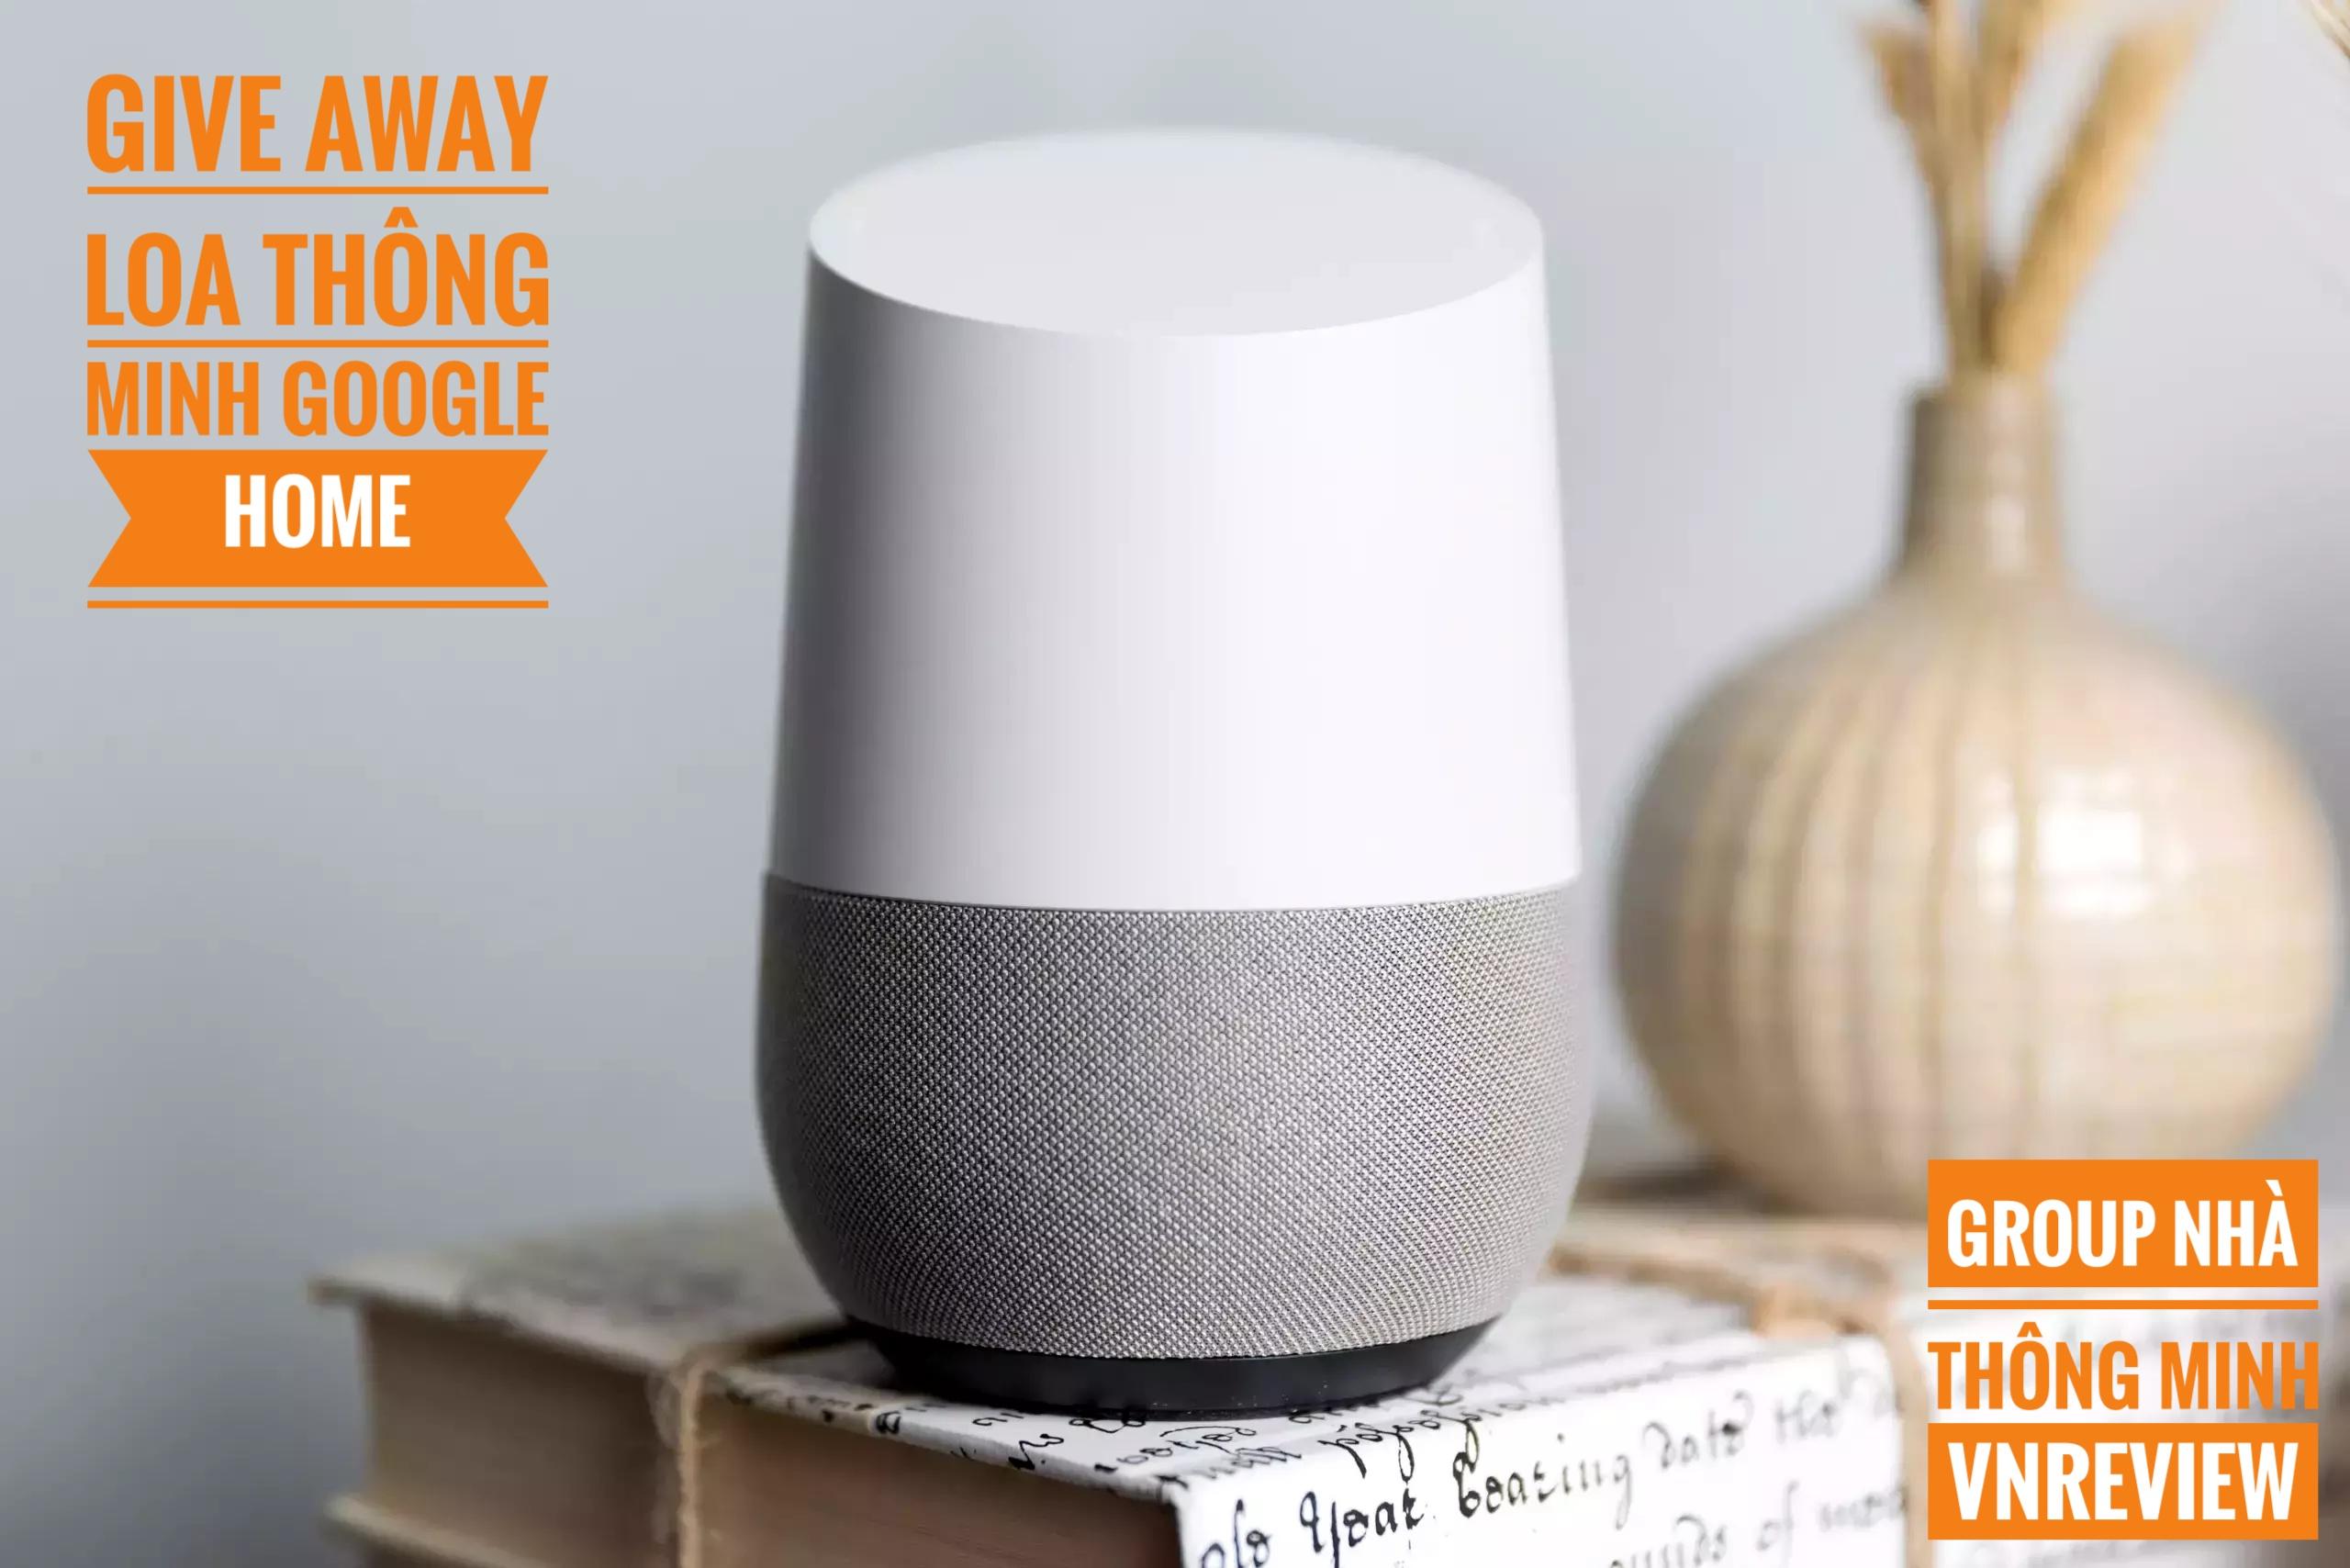 Mời tham gia Group Nhà Thông Minh – VnReview, cơ hội nhận ngay loa thông minh Google Home